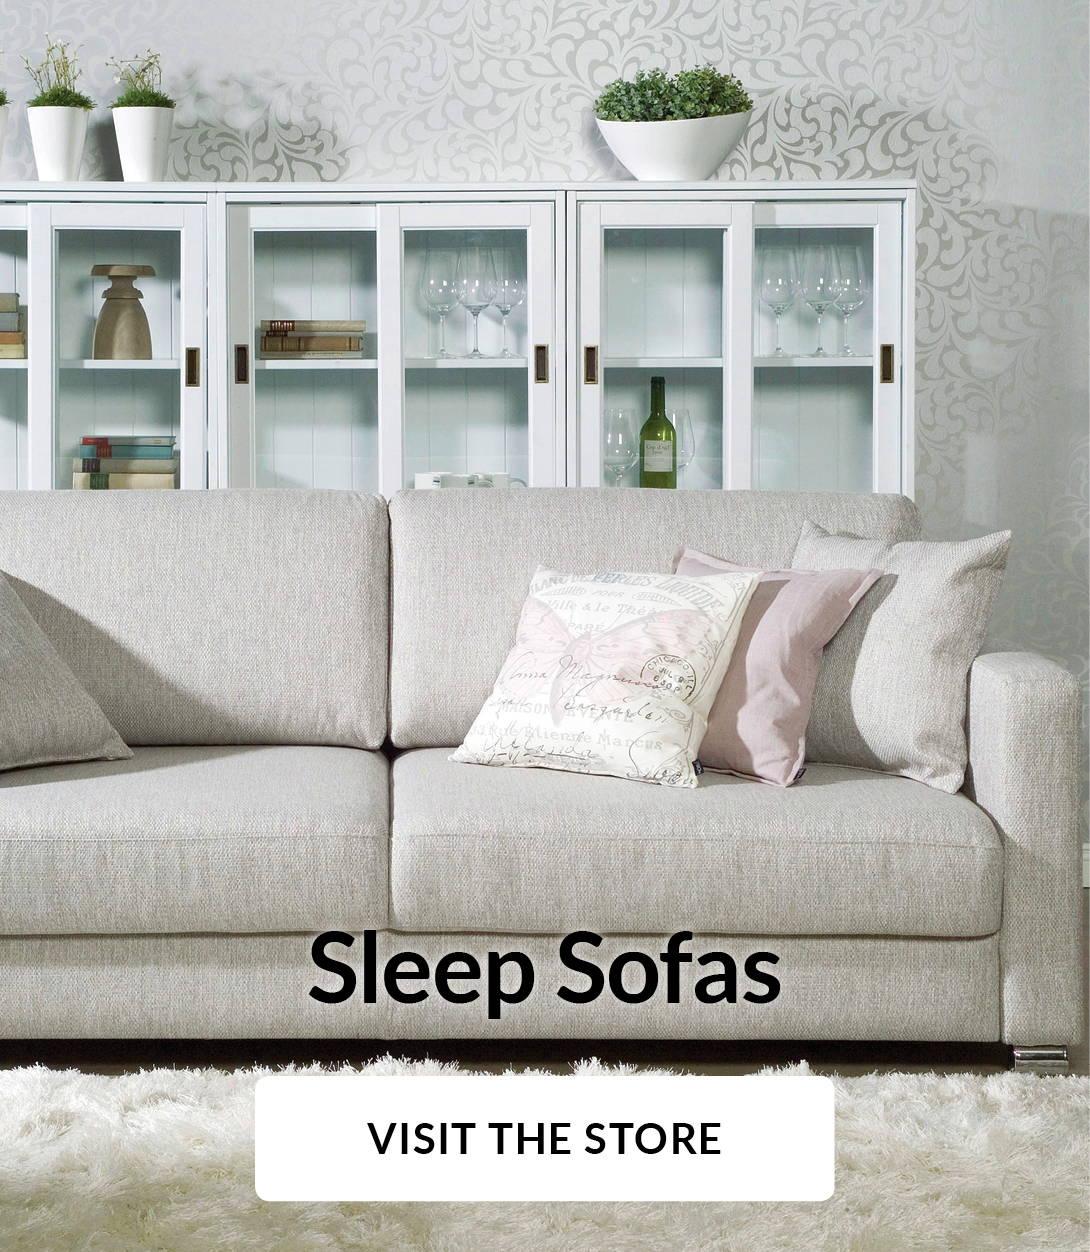 Sleep Sofas